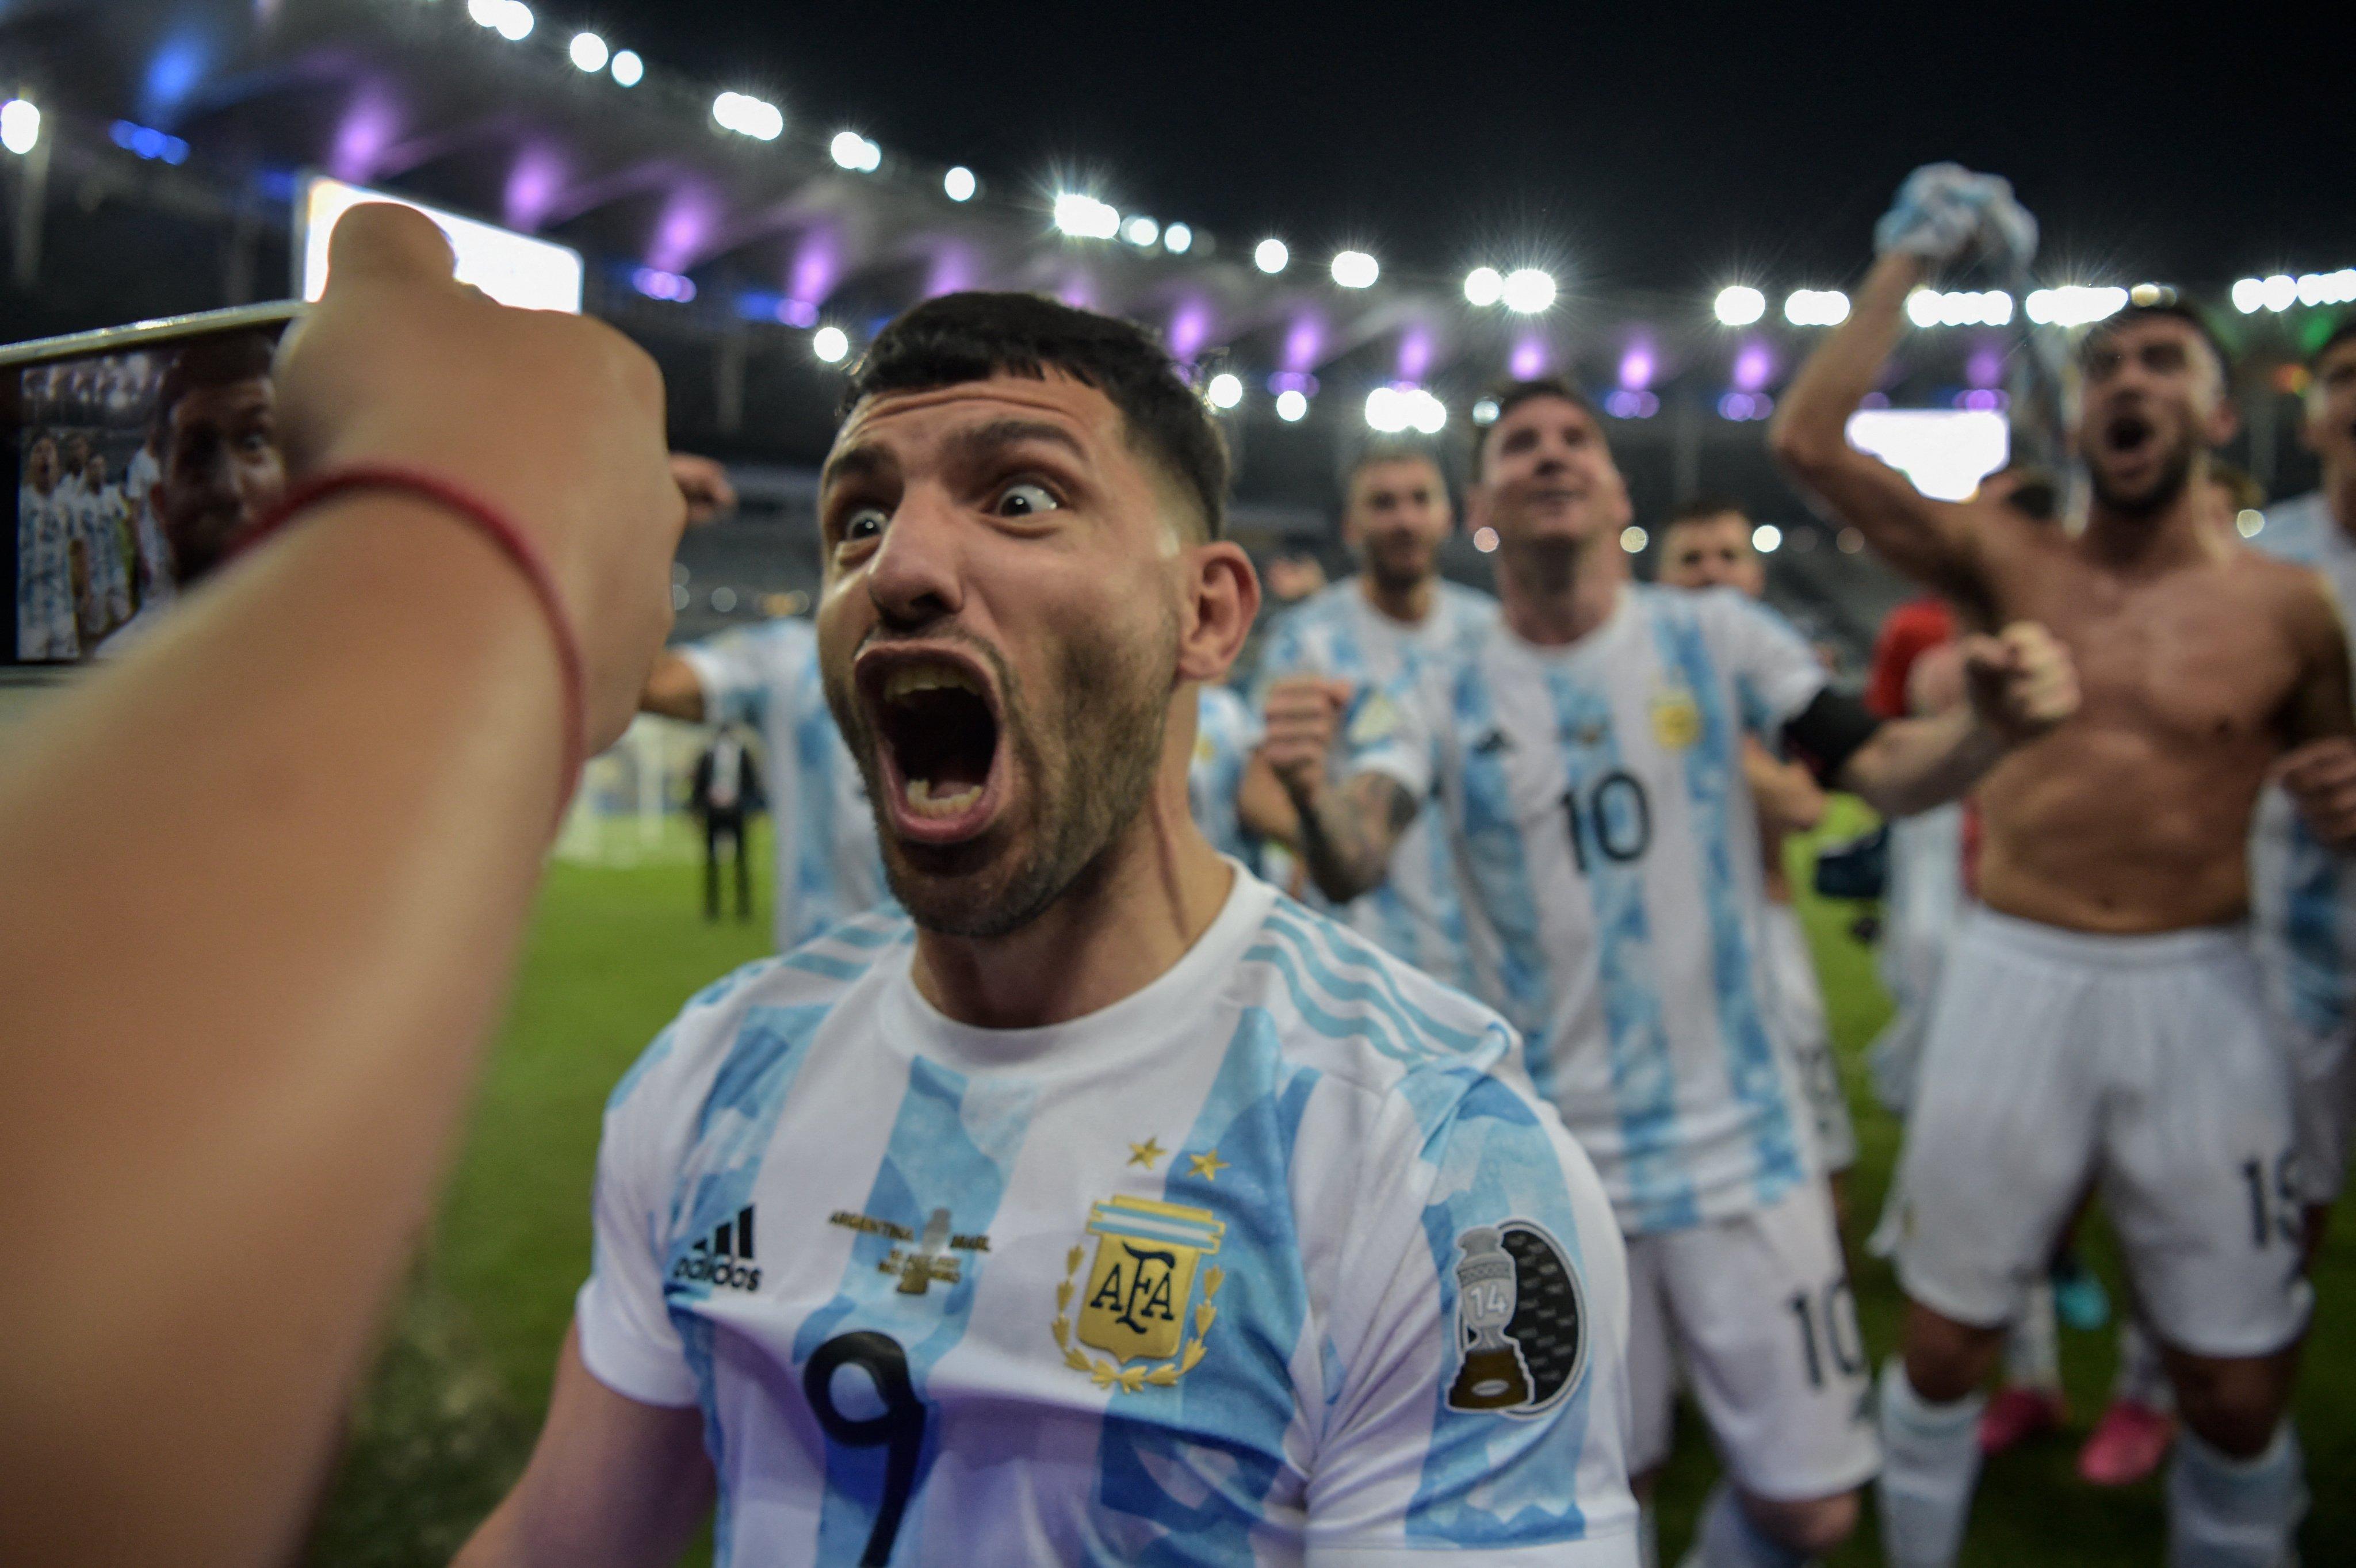 मैच के बाद अर्जेंटीना के स्ट्राइकर सर्जियो अगुएरो कुछ इस अंदाज में नजर आए।